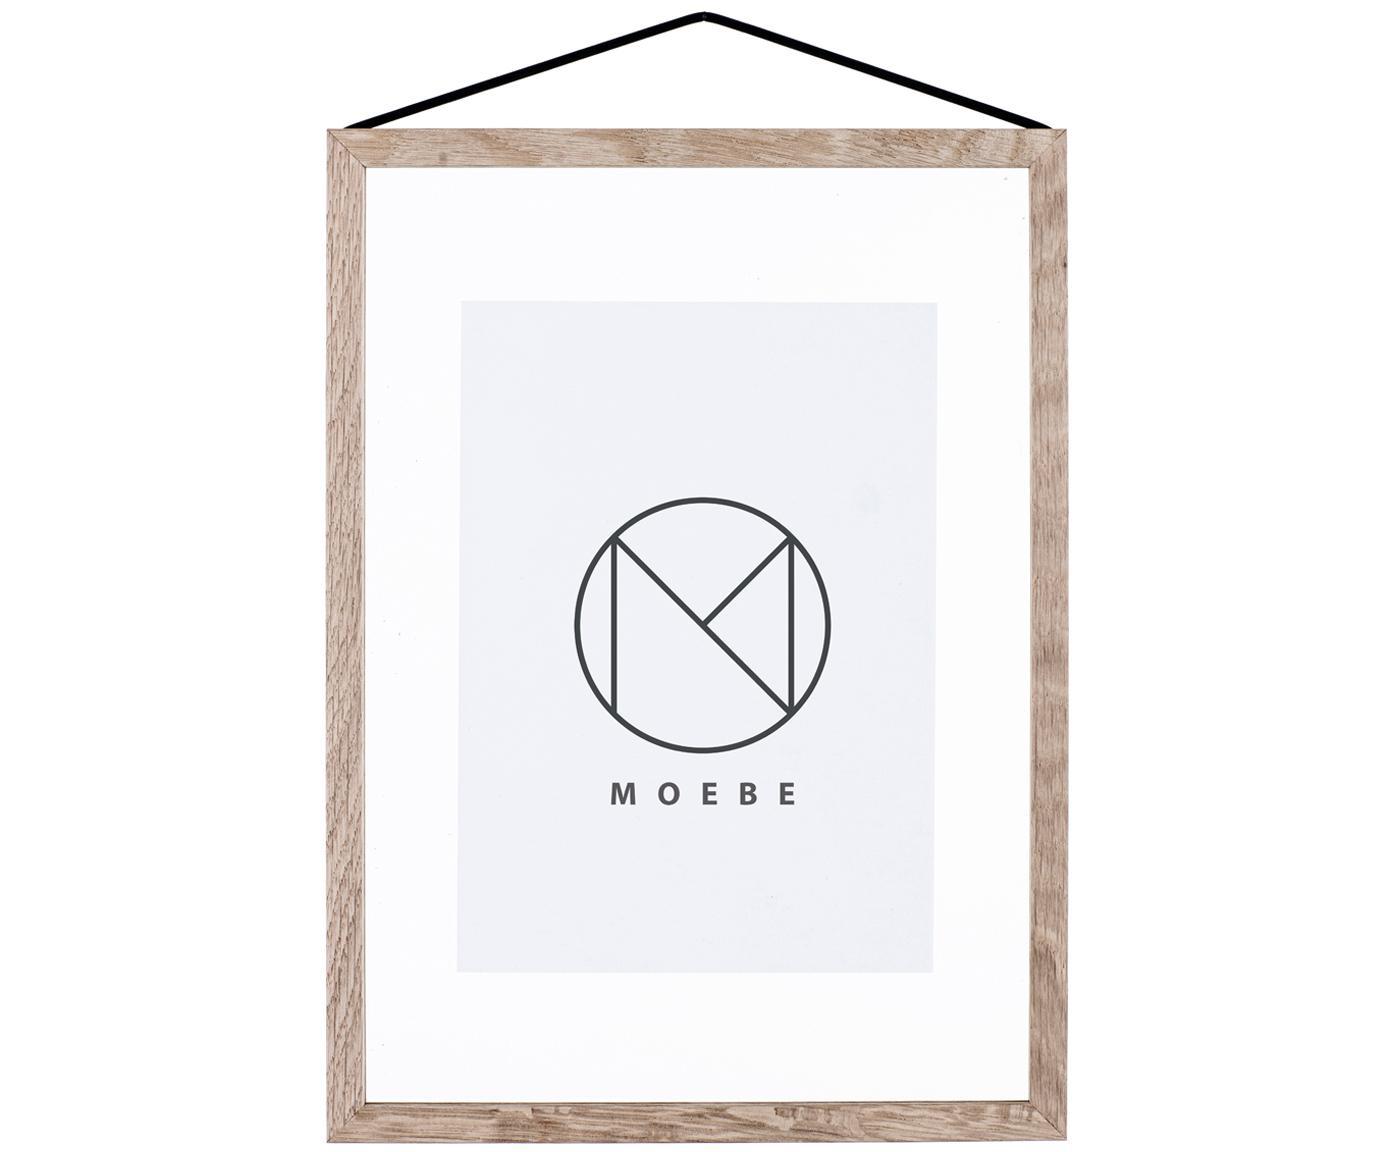 Fotolijst Frame, Frame: Eikenhout, onbehandeld, Frame: Eiken<br>Ophanging: Zwart<br>Voorkant en achterkant: Transparant, 23 x 31 cm